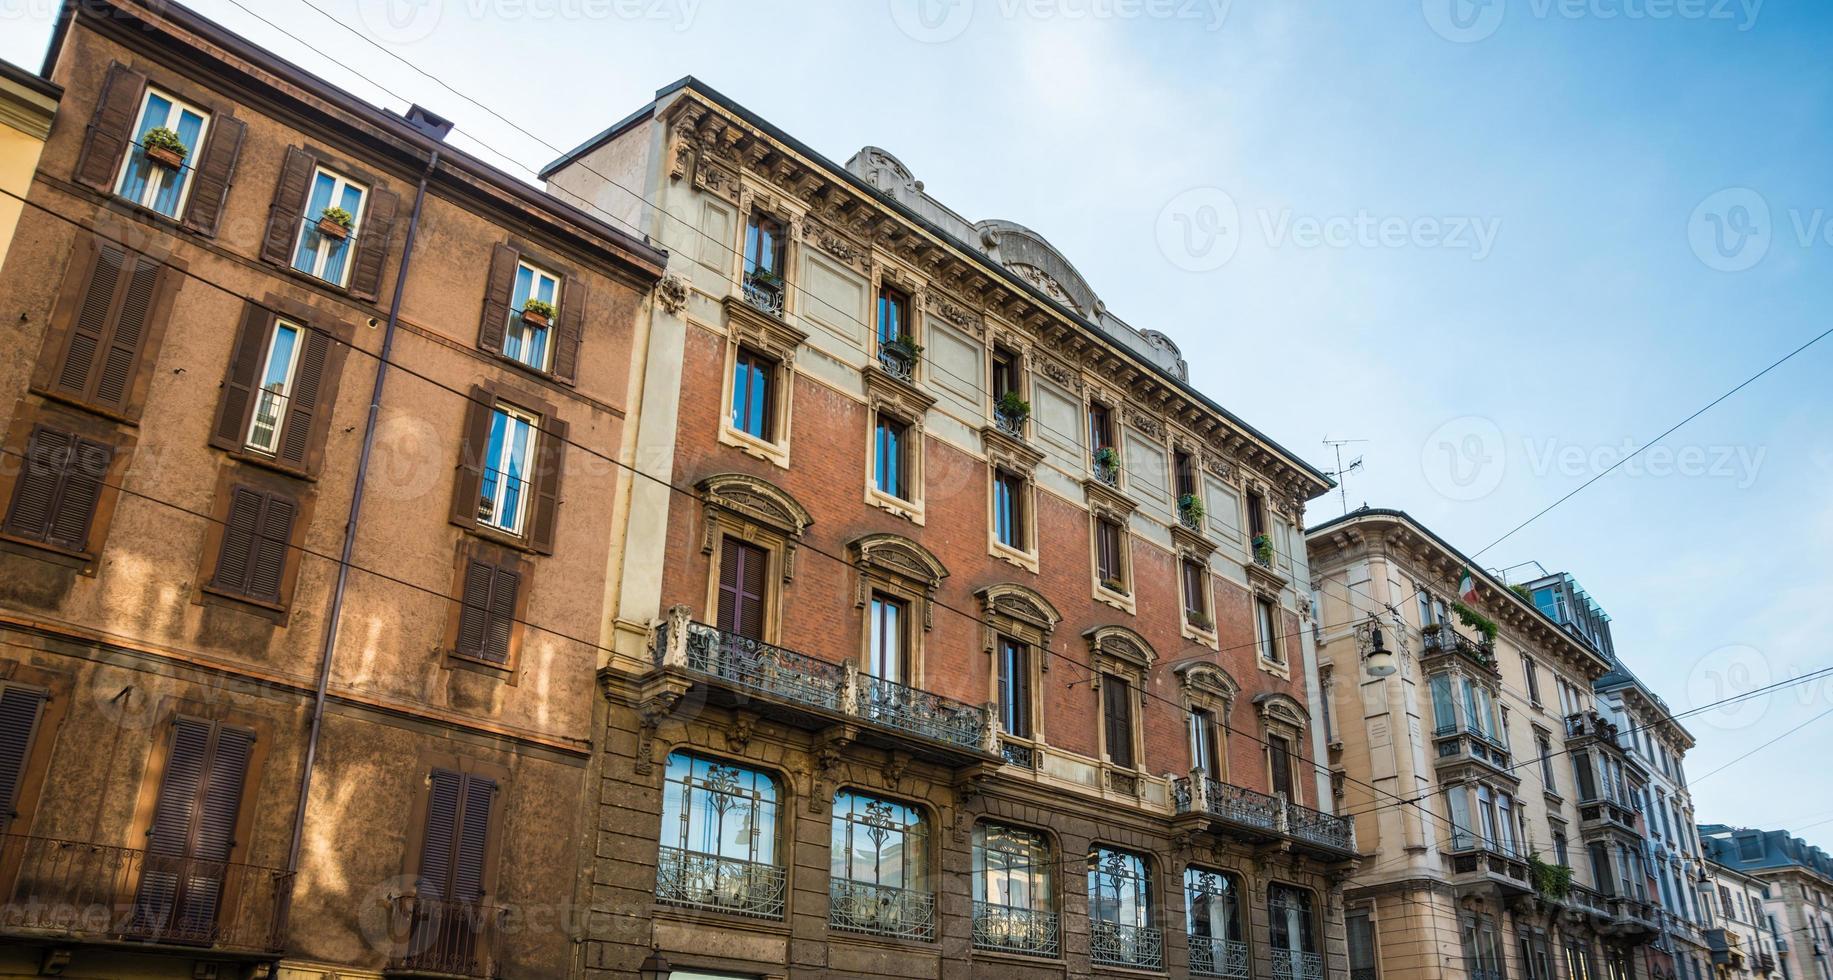 Straßenblick mit alten schönen Mehrfamilienhäusern. foto